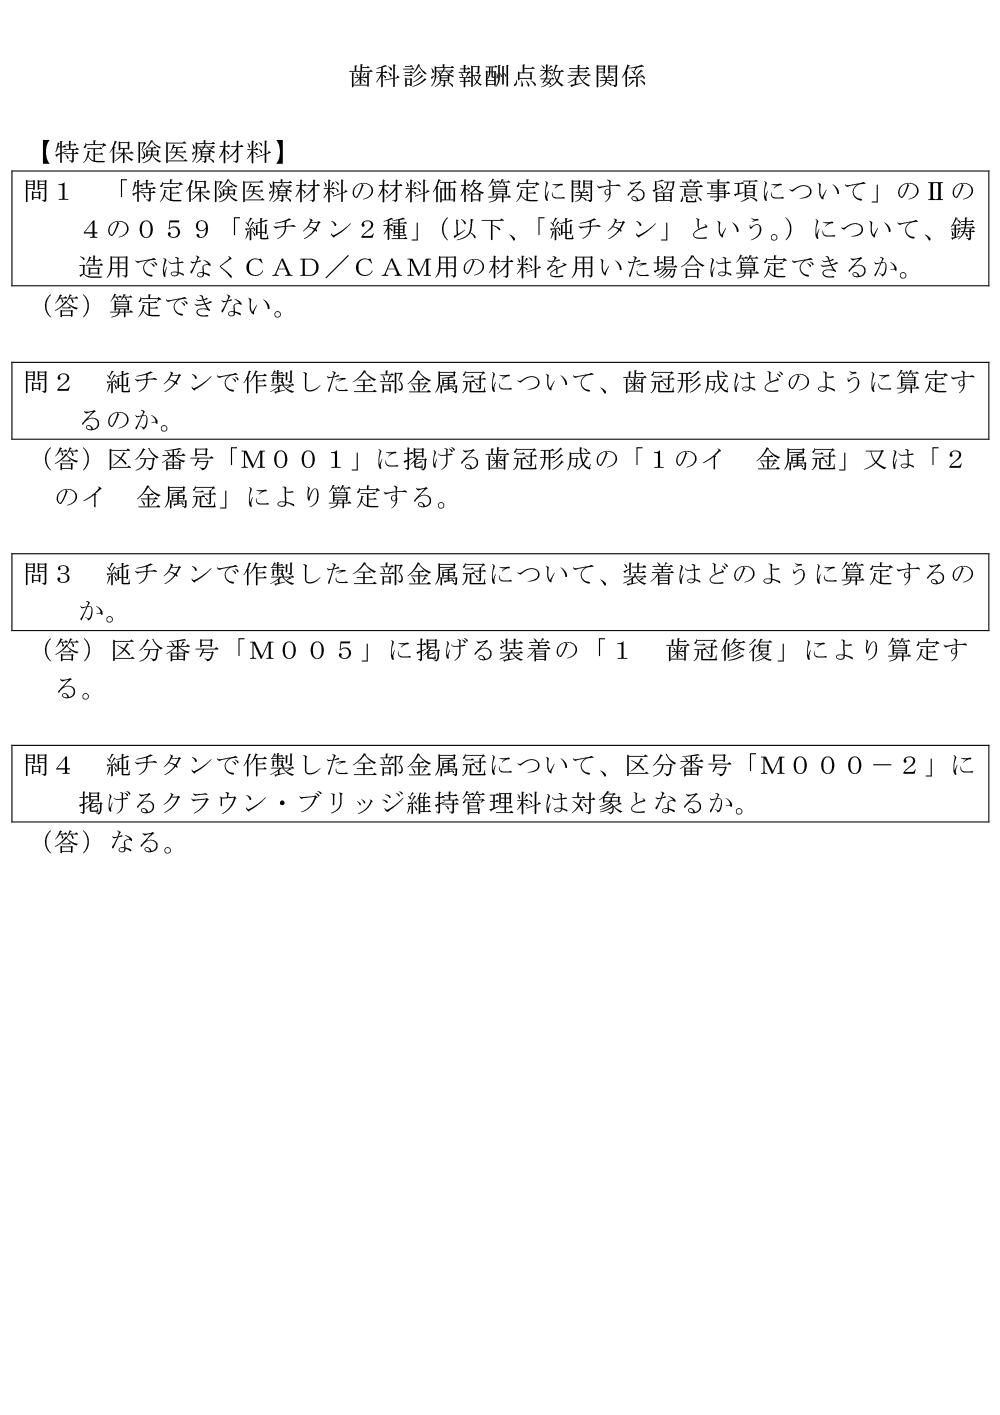 【保険】疑義解釈資料の送付について(その15)